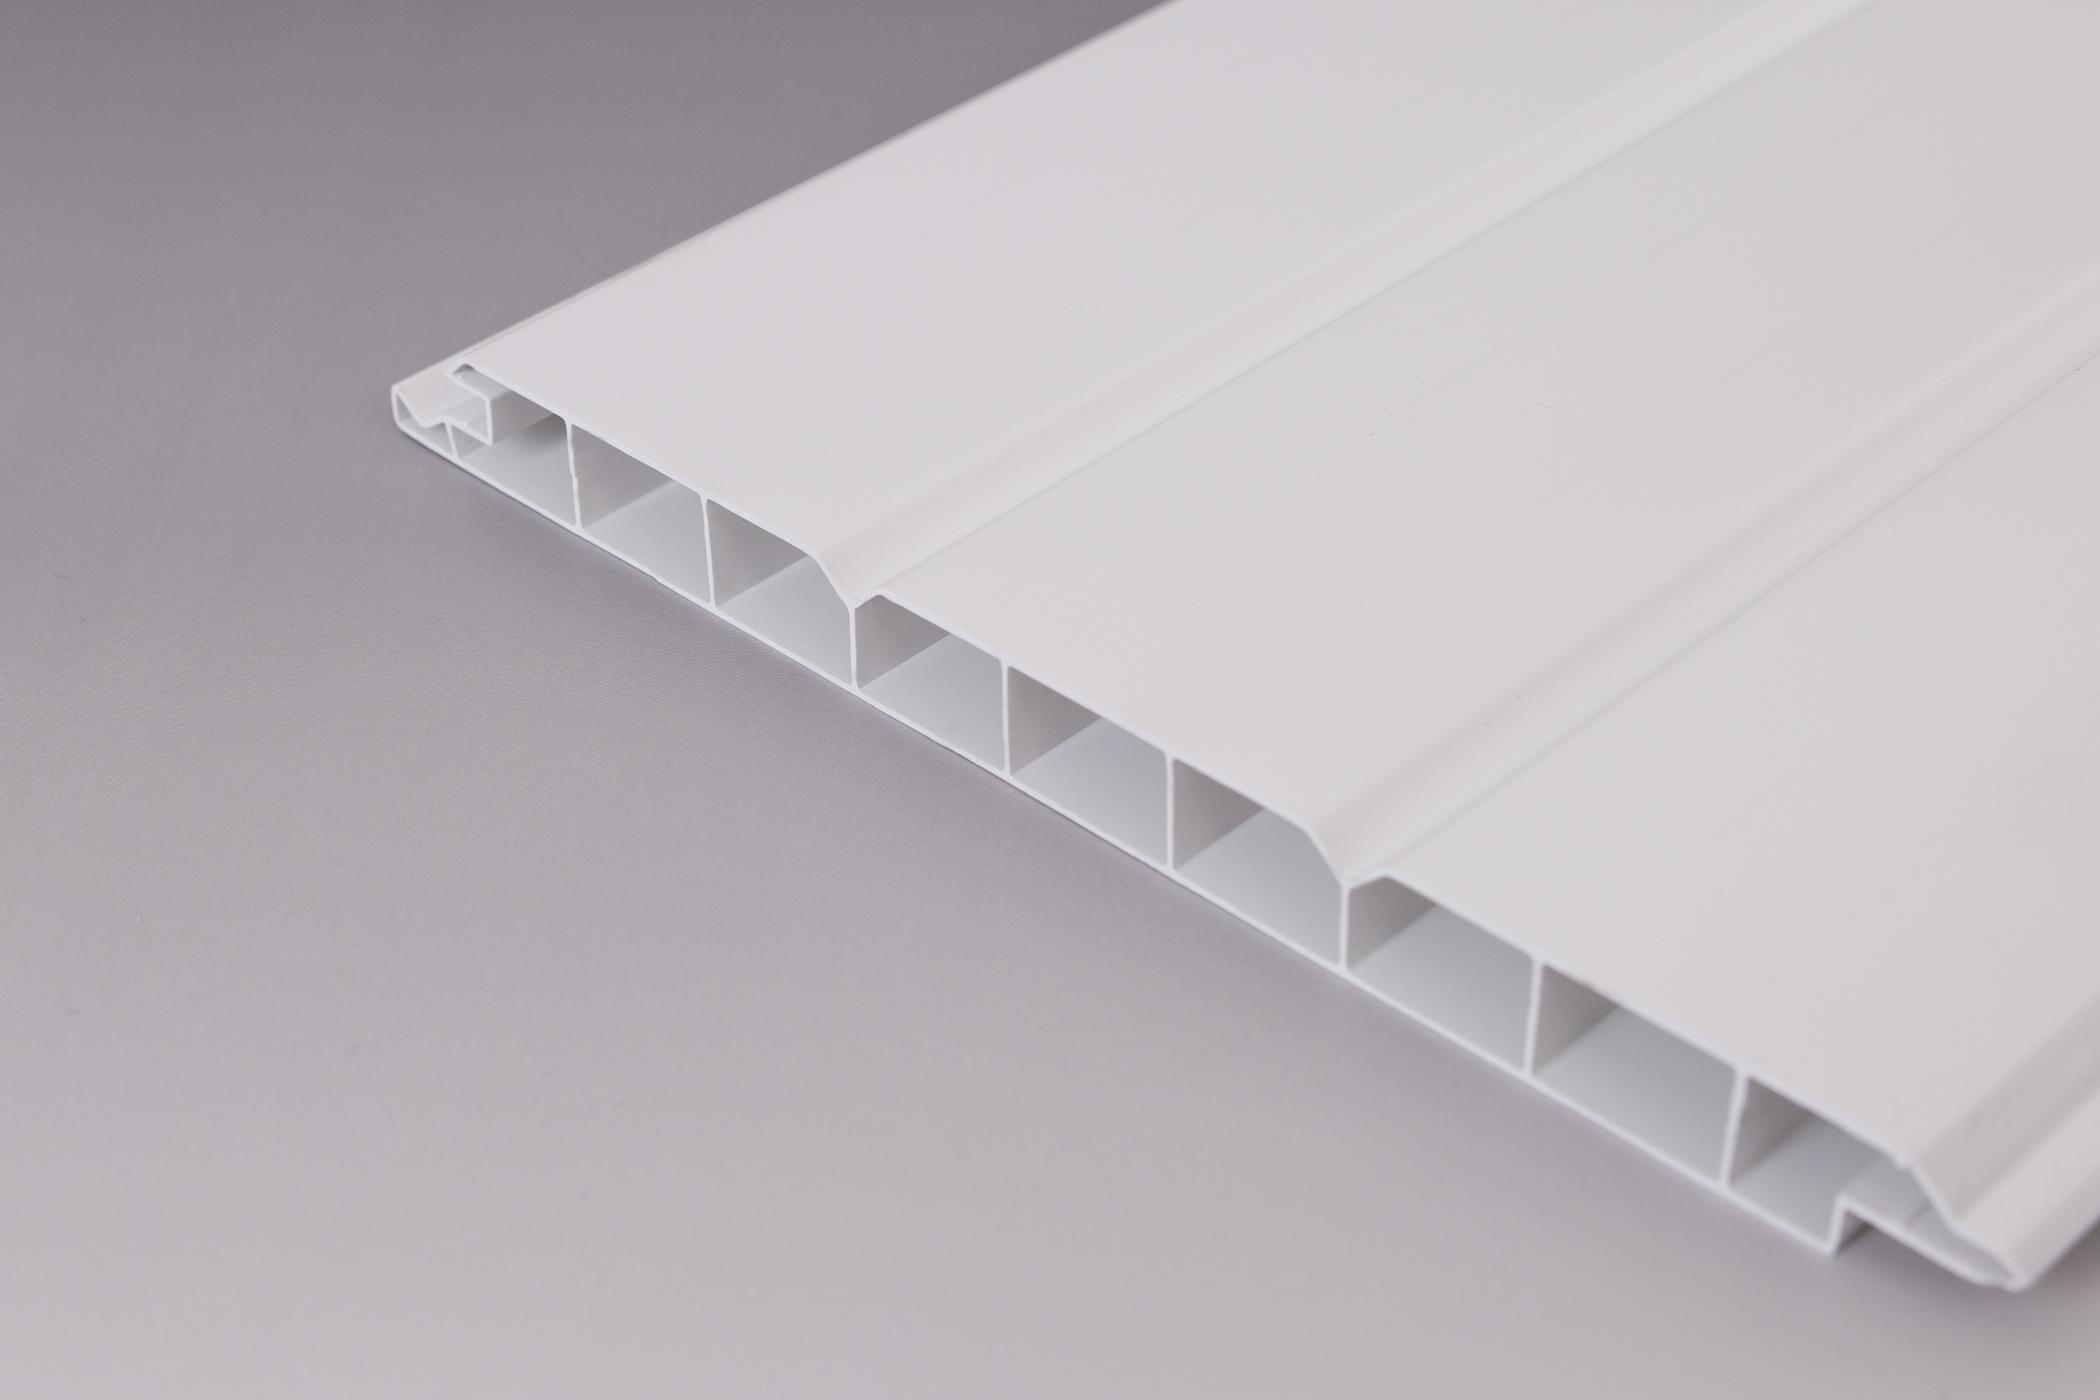 m ller kunststoffe sterreich pvc wand und deckenpaneele wei 200 mm onlineshop f r. Black Bedroom Furniture Sets. Home Design Ideas